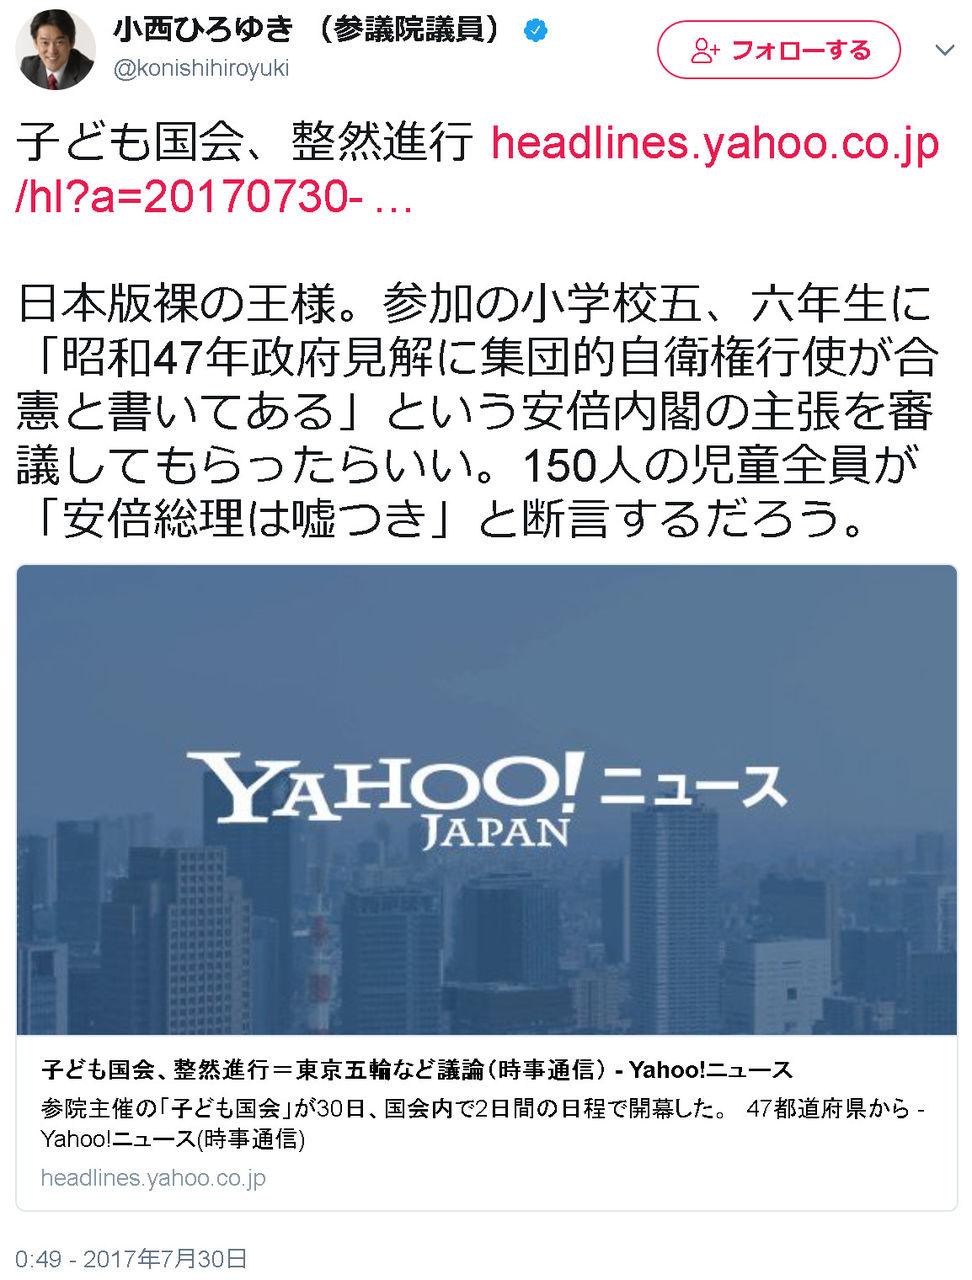 http://livedoor.blogimg.jp/gensen_2ch/imgs/6/6/66eb2ac1.jpg